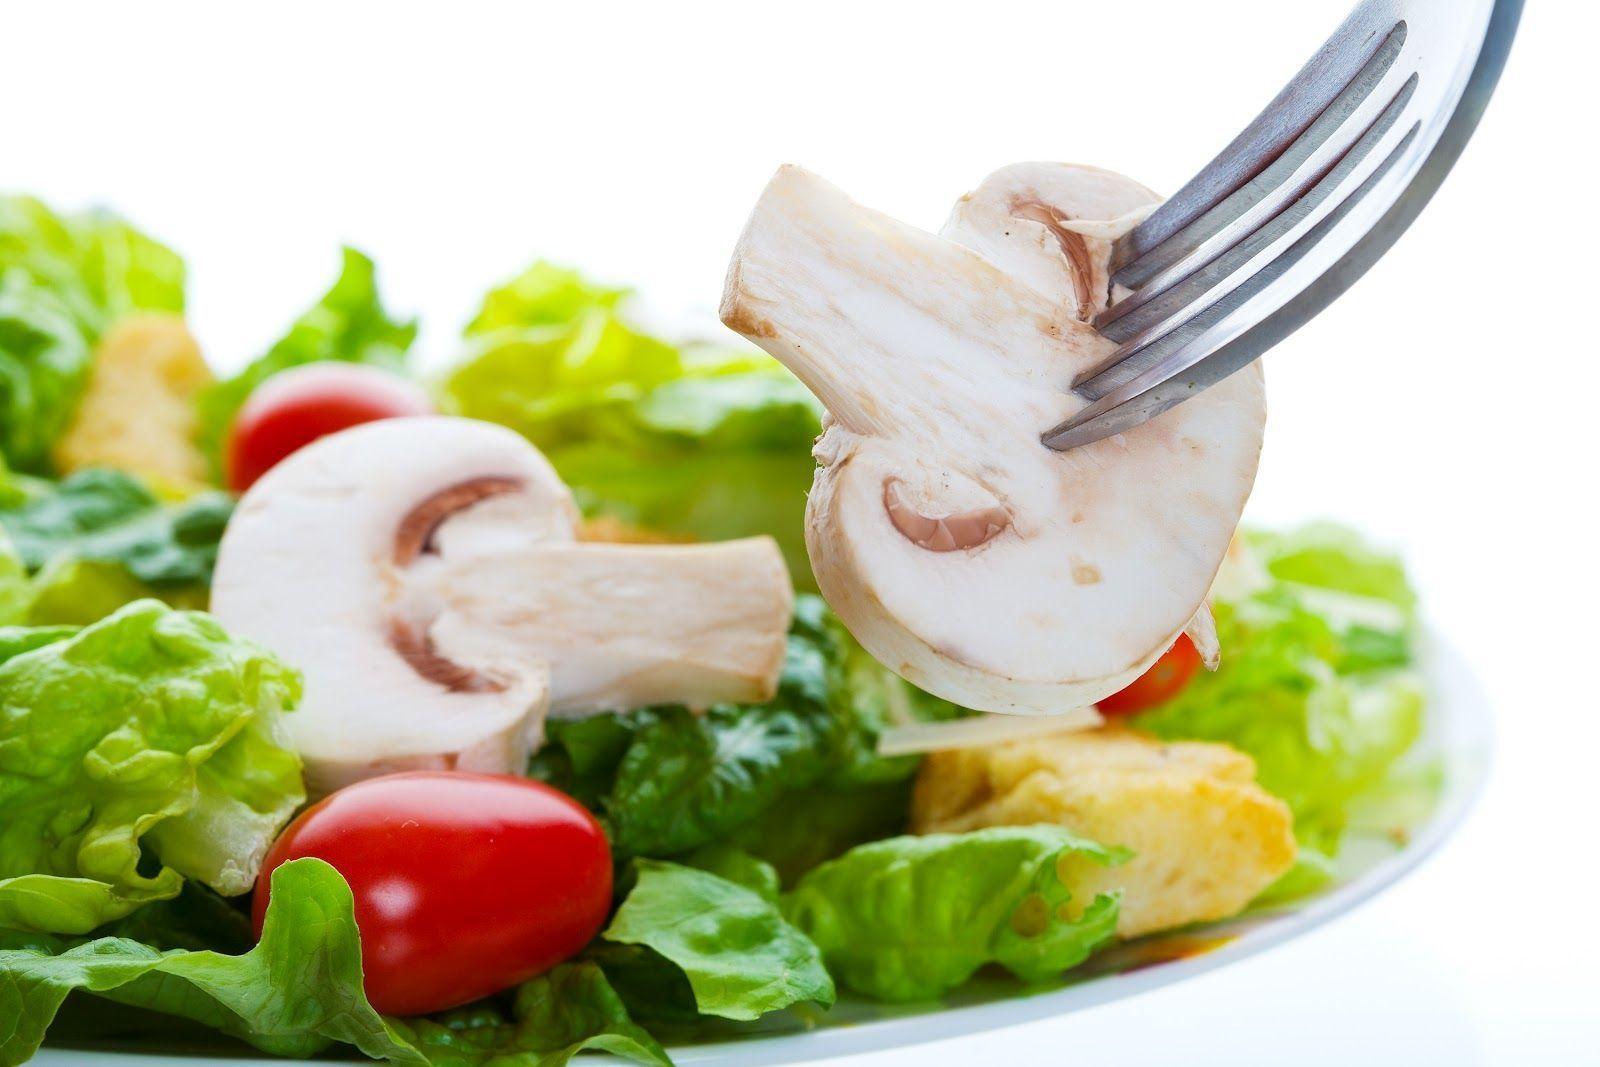 Melhores alimentos para a dieta 3